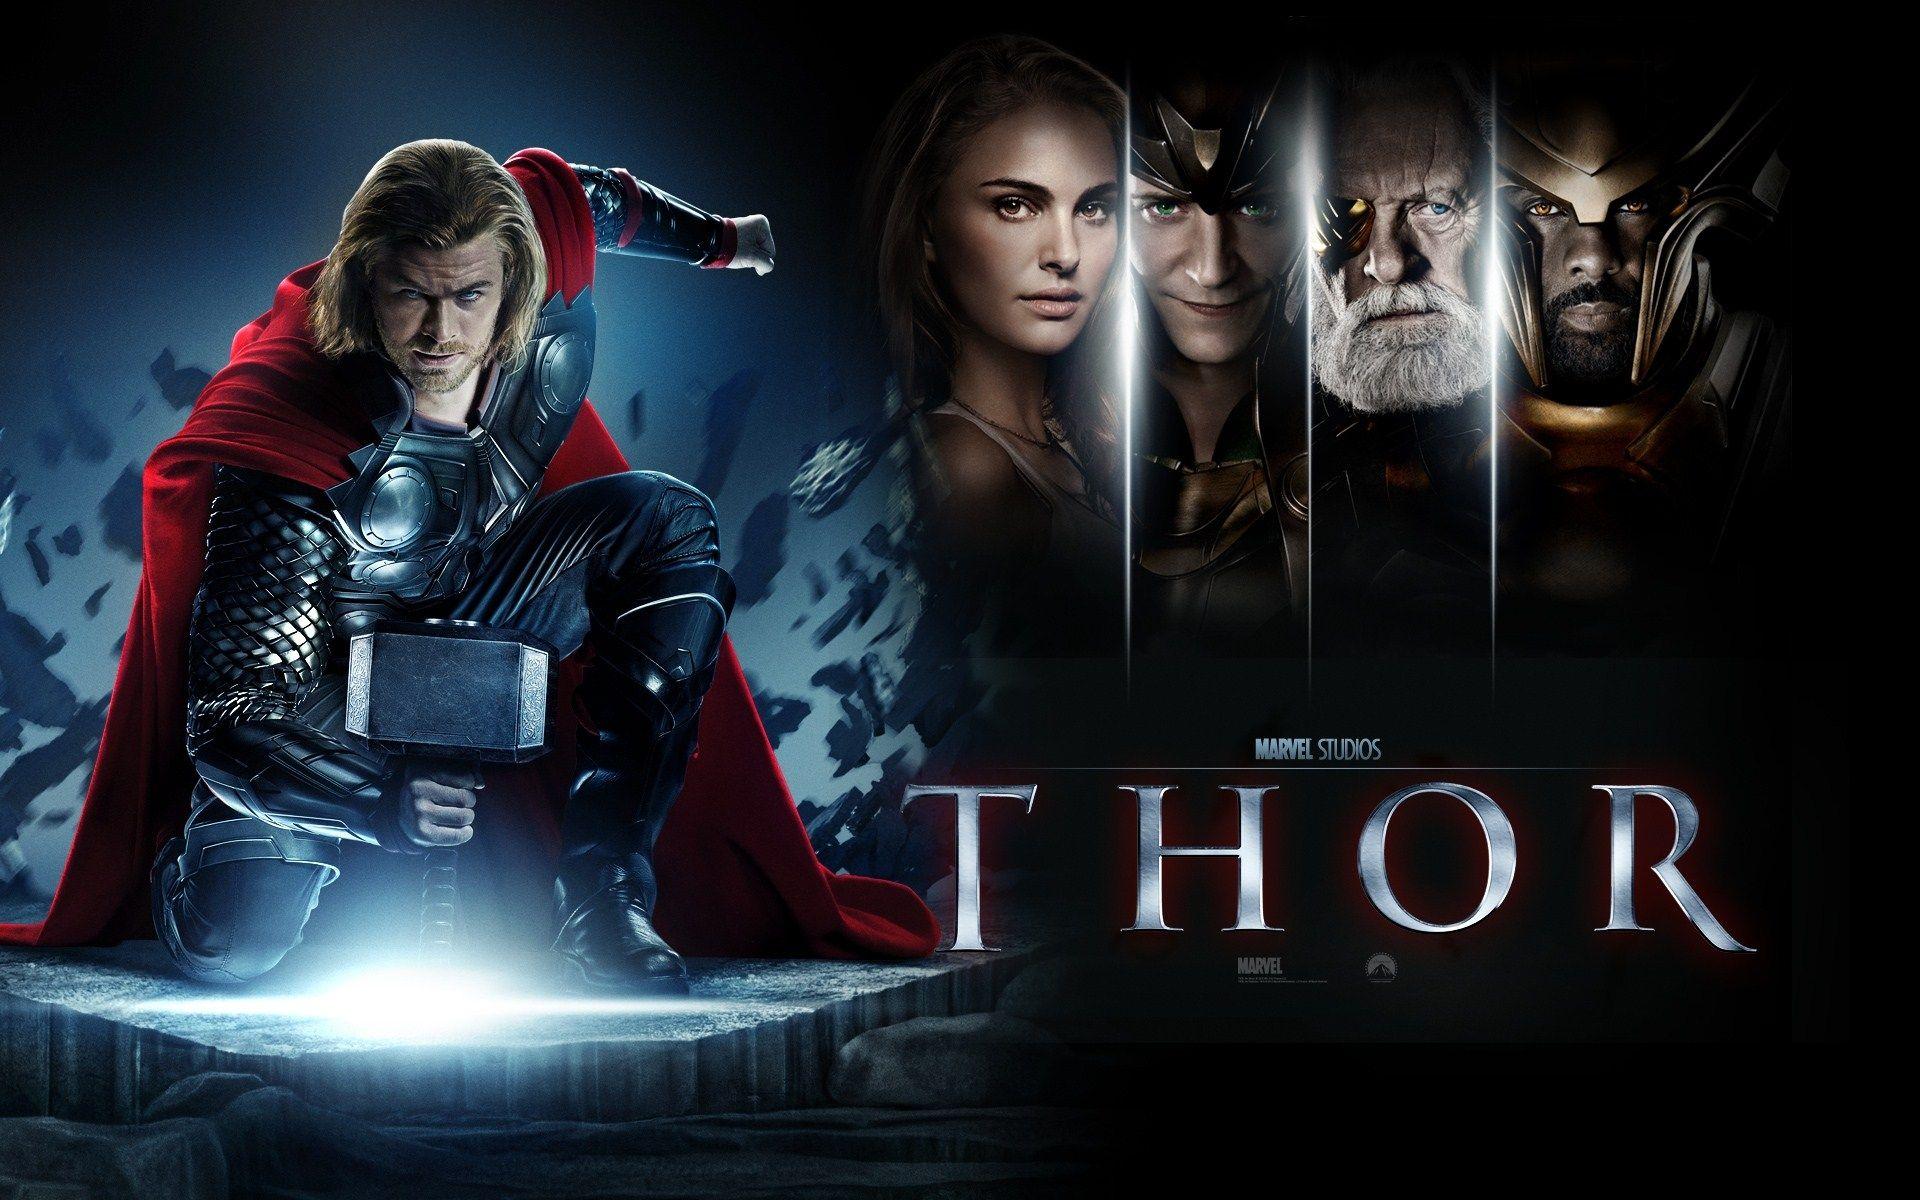 Thor ธอร์ เทพเจ้าสายฟ้า 2011